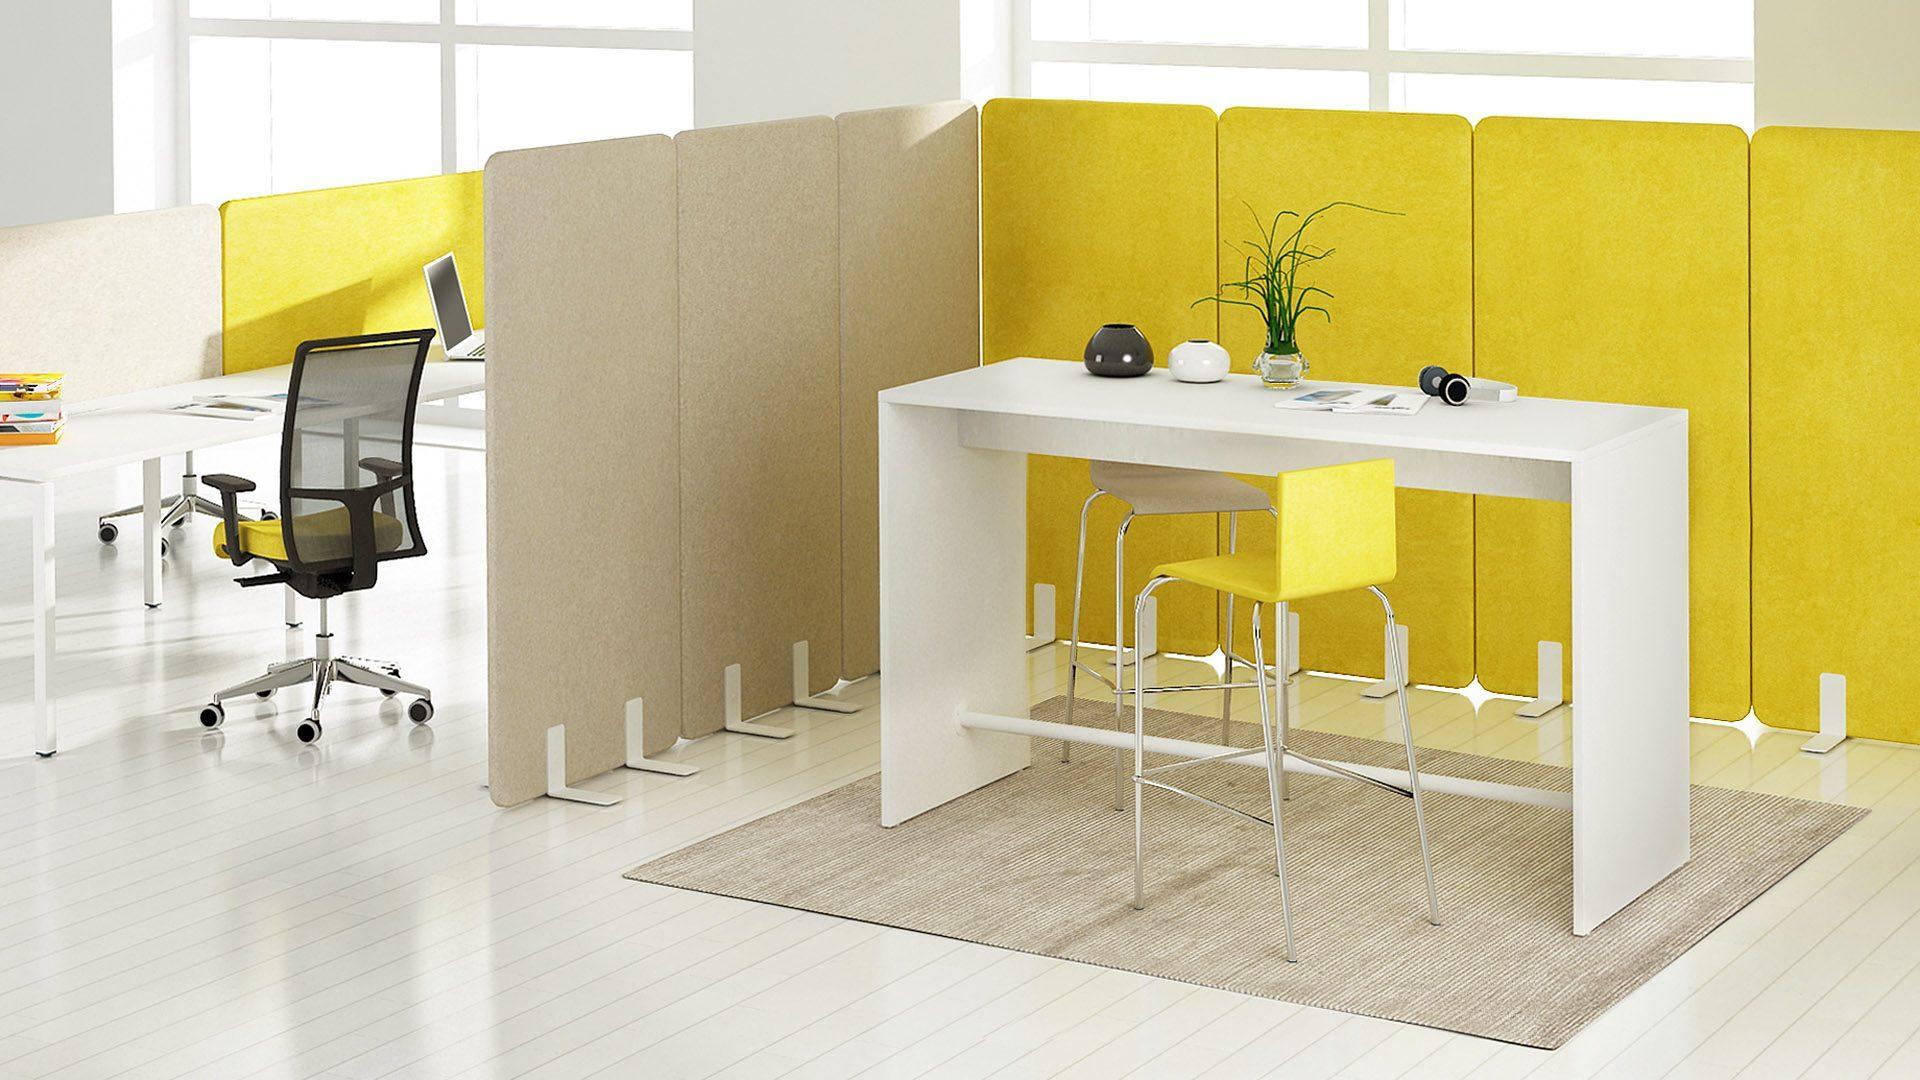 Light augstais galds atpūtas telpām ar brīvi stāvošām akustiskajām starpsienām